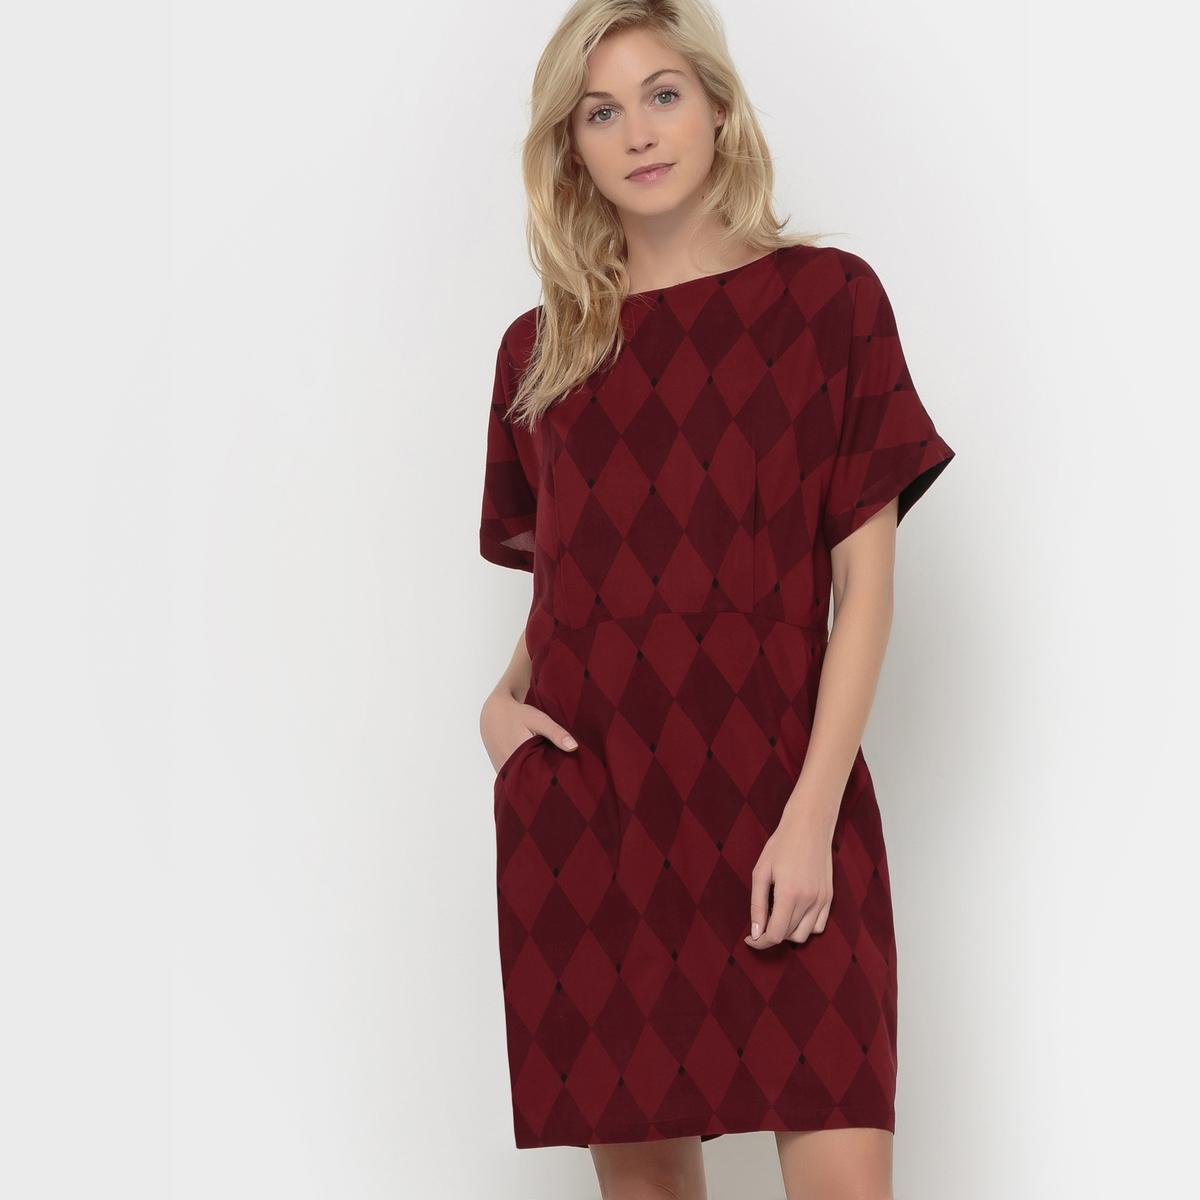 Платье из струящейся ткани с короткими рукавамиСостав &amp; ДеталиМатериал: 100% вискозы       Марка        VERO MODA                     Уход       Следуйте рекомендациям по уходу, указанным на этикетке изделия.<br><br>Цвет: бордовый/рисунок,темно-синий<br>Размер: S.M